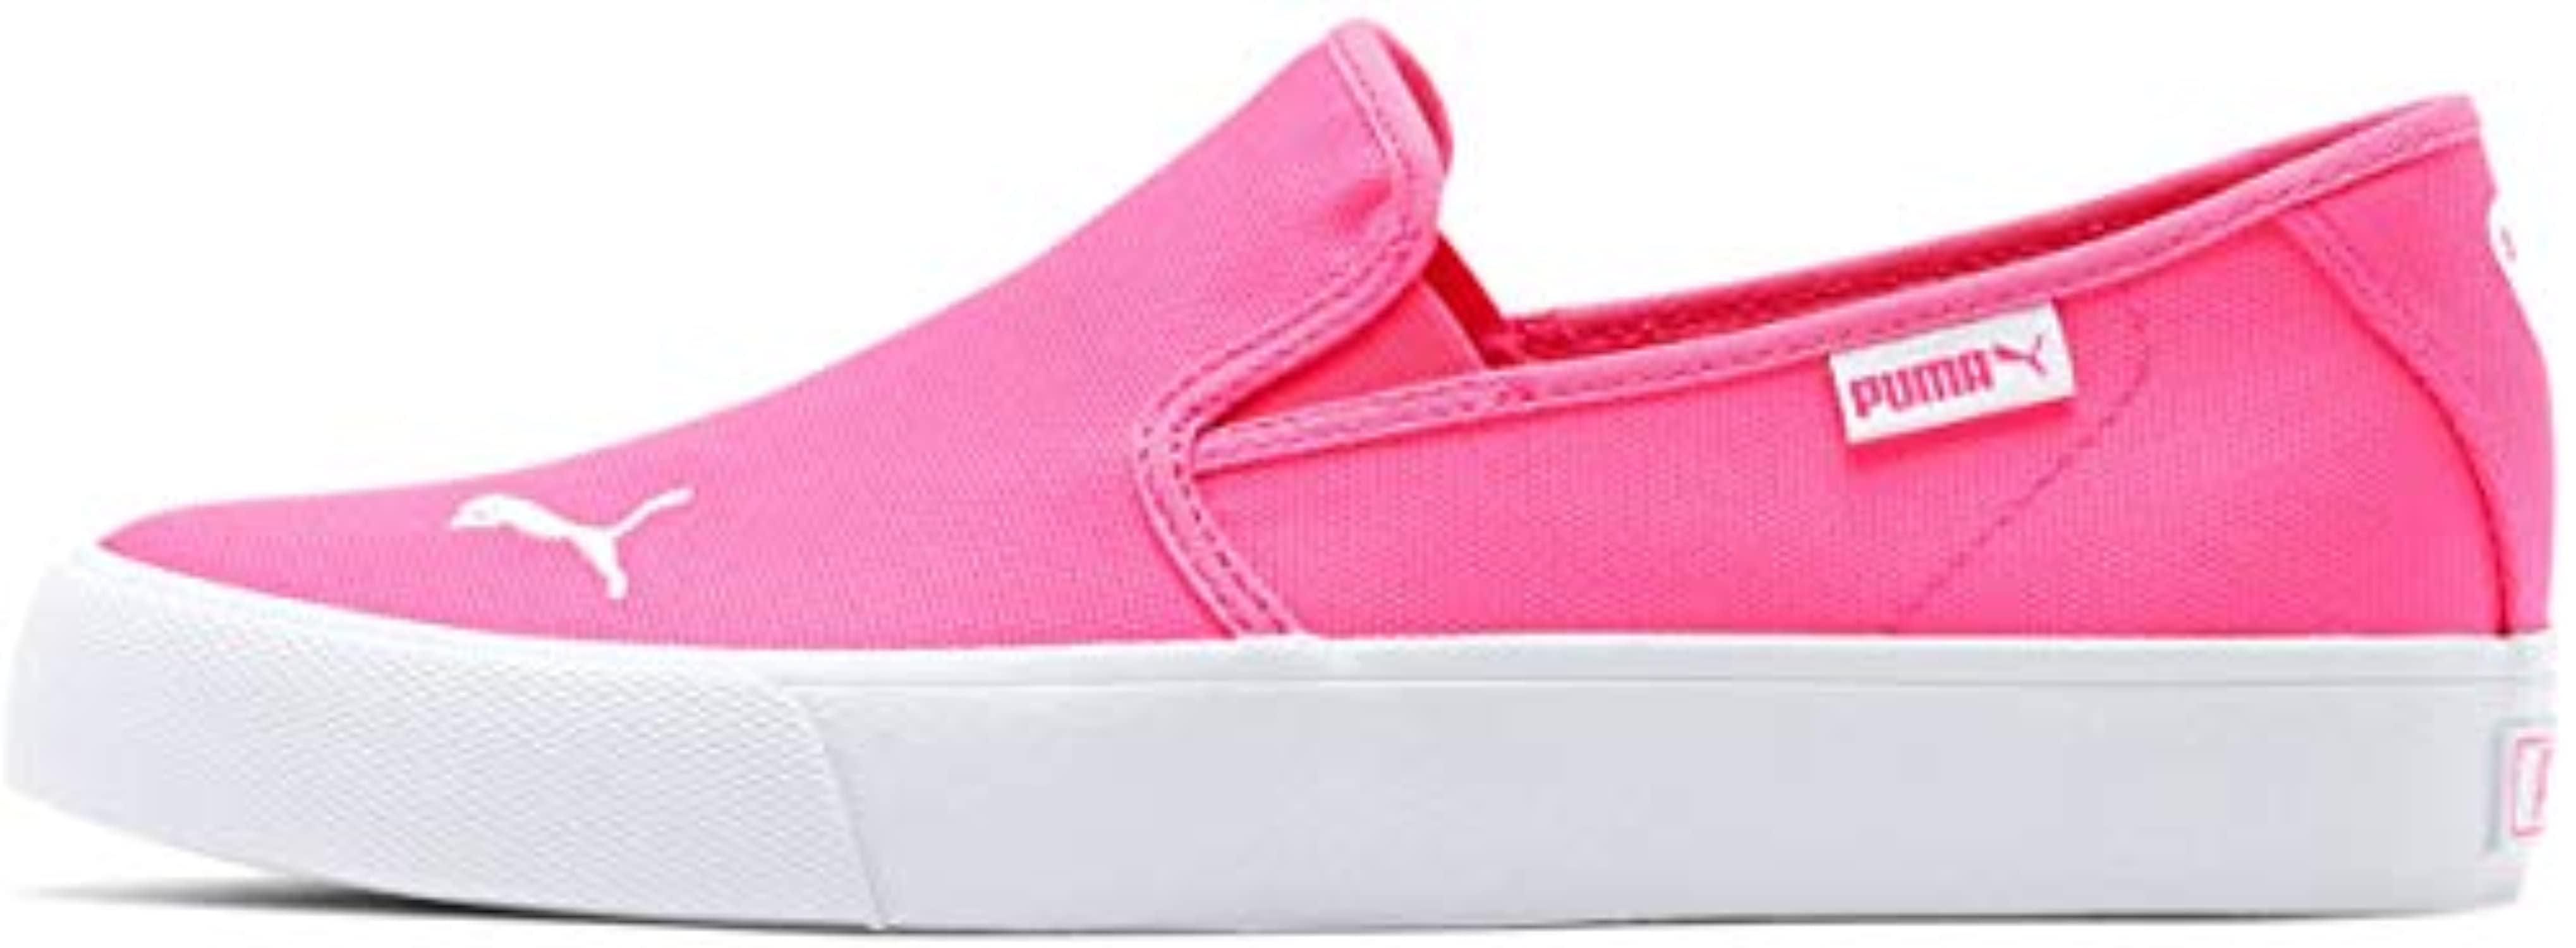 Puma - Womens Bari Slip On Cat Shoes